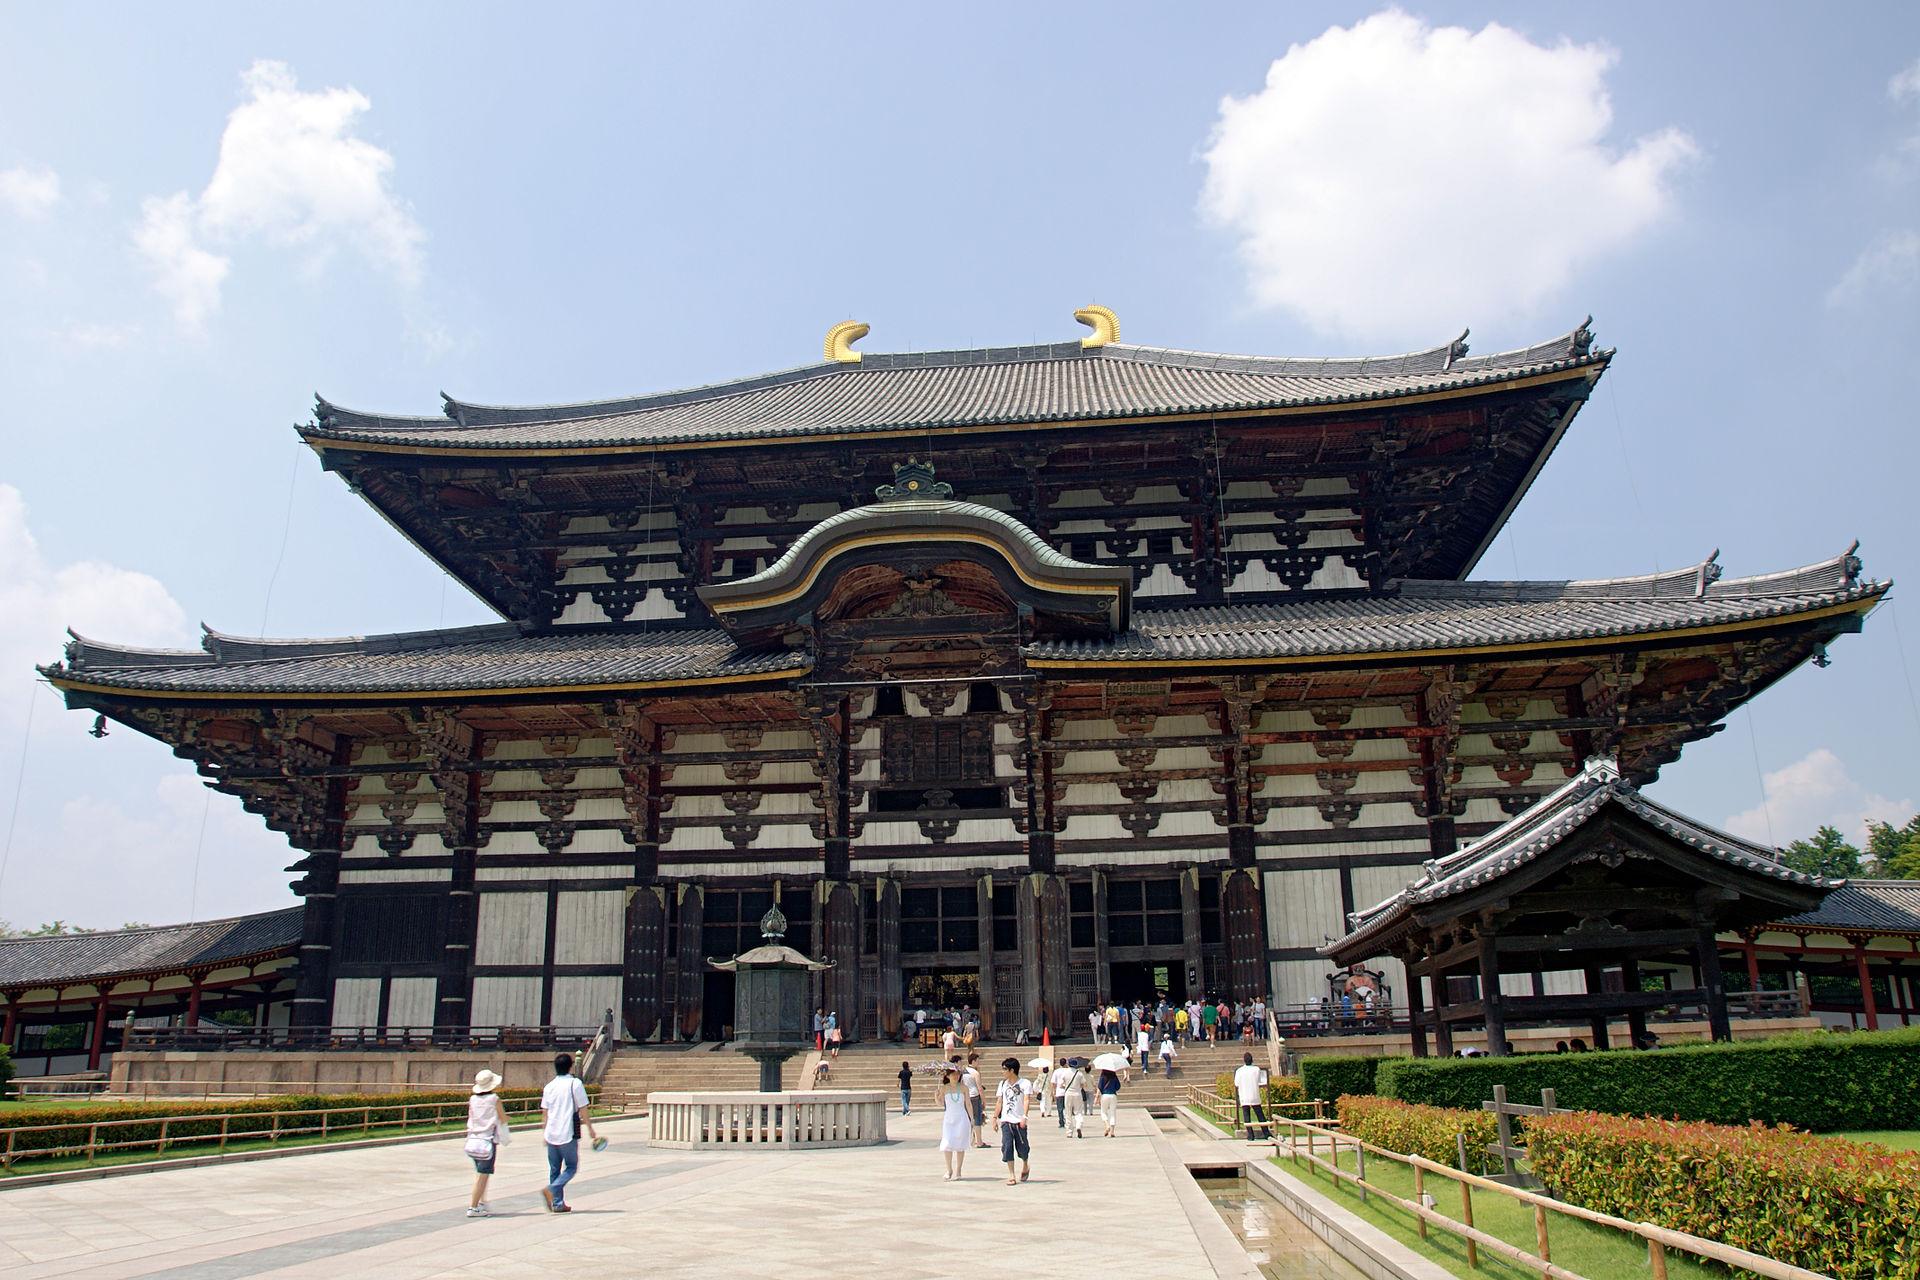 ท่องเที่ยวญี่ปุ่น 10 เมืองหลักที่ต้องไป